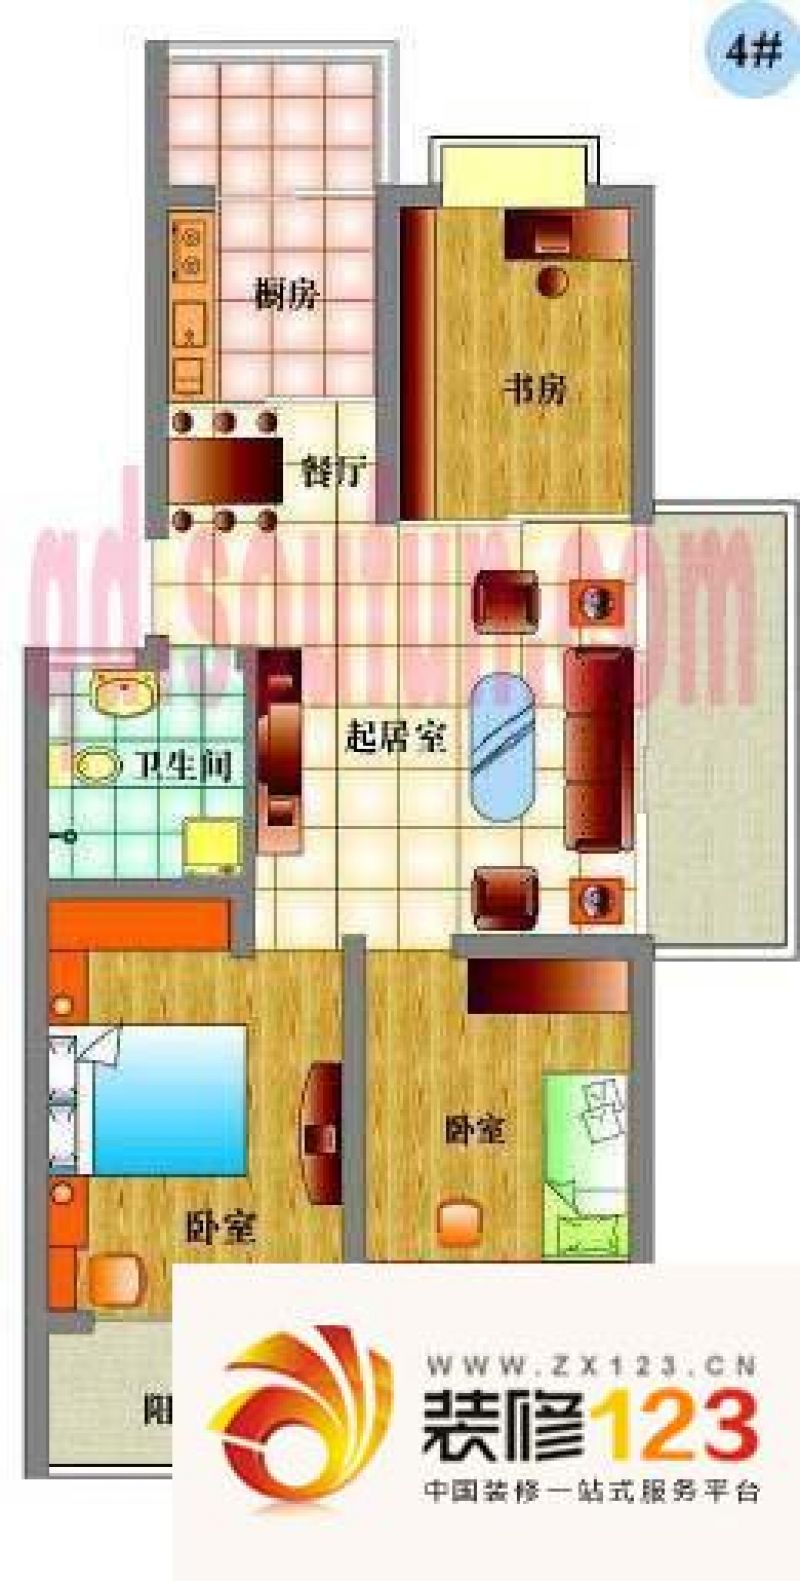 青岛百通兴隆家园百通兴隆家园户型图3室1厅1卫1厨 .